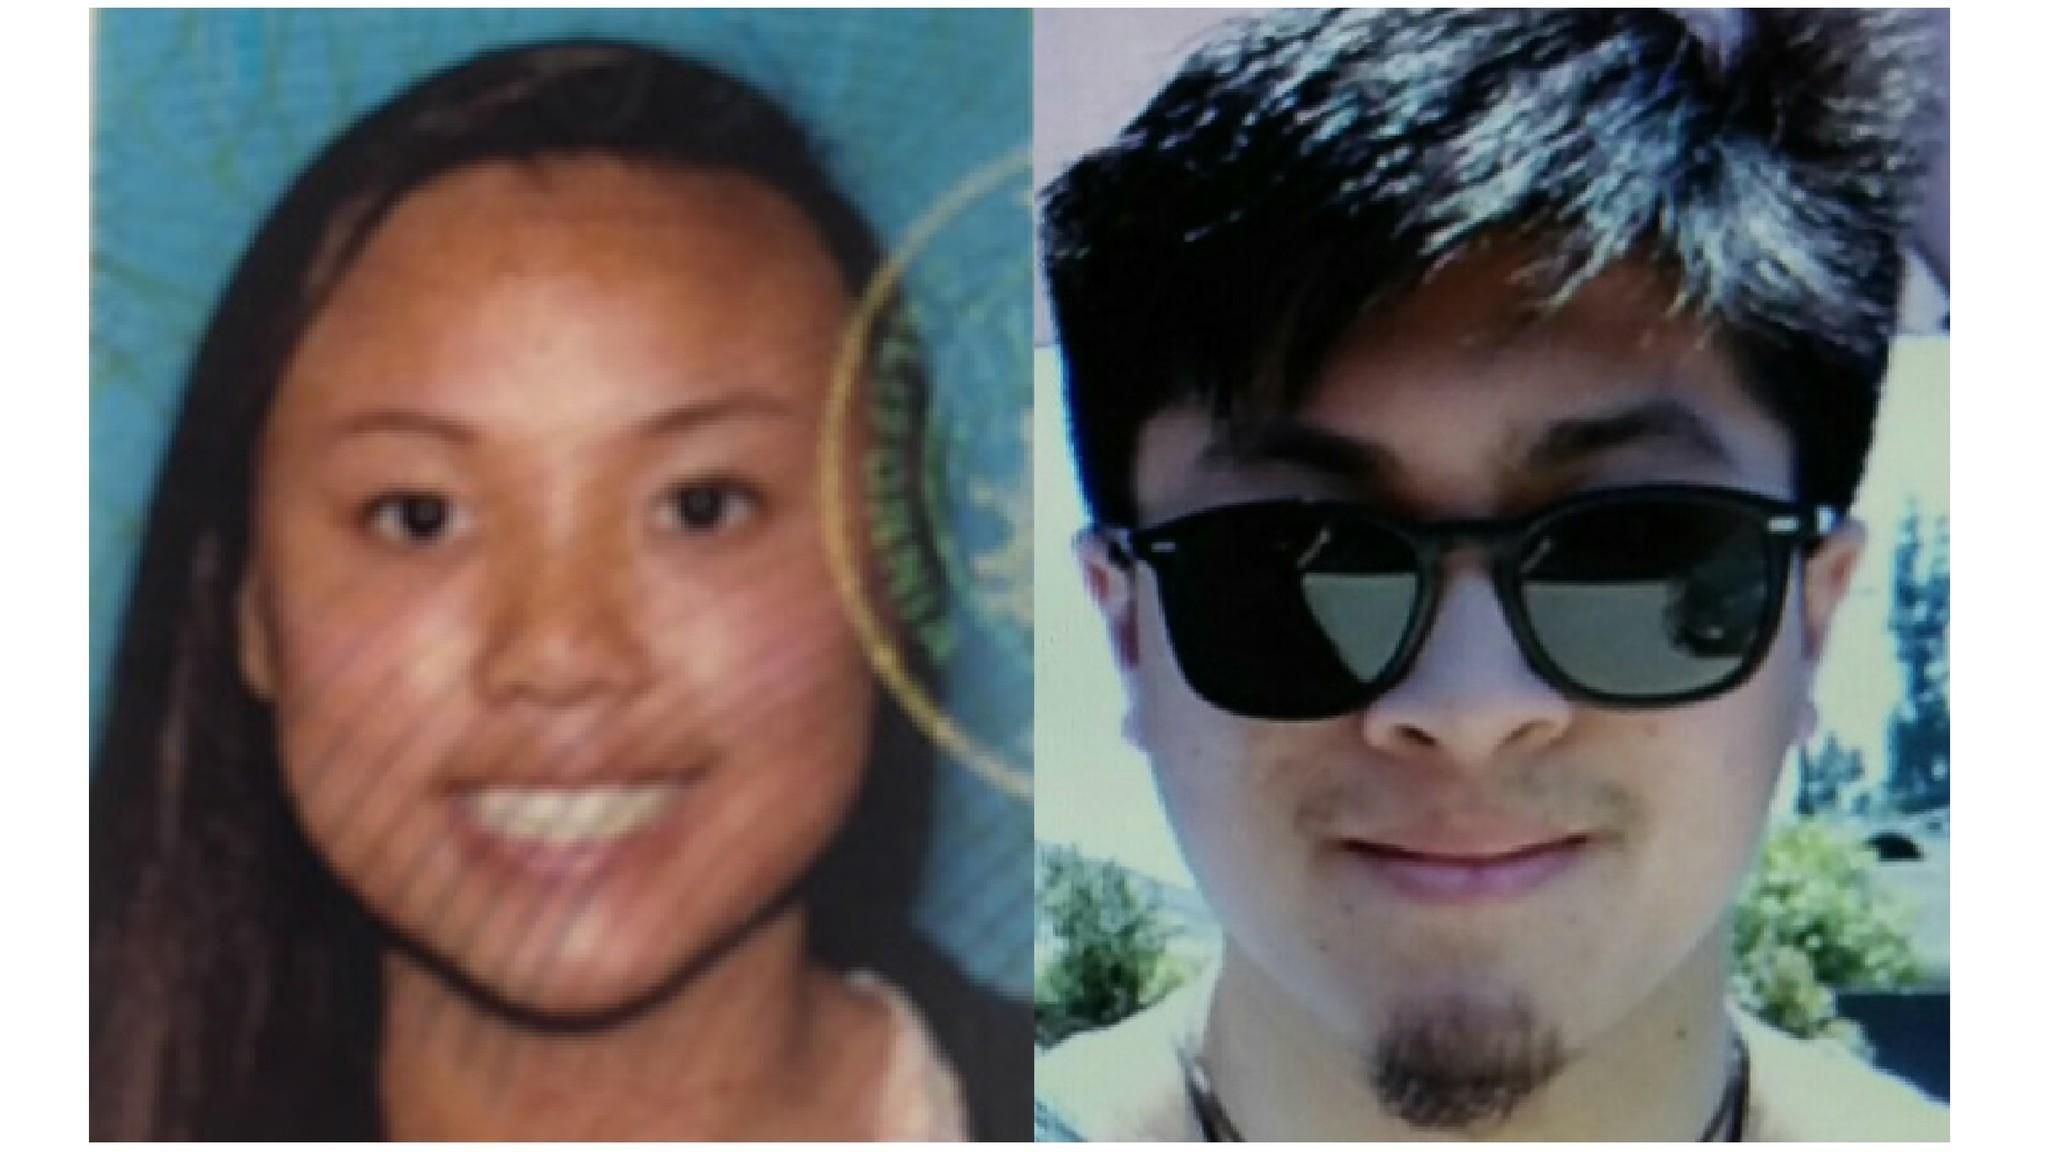 Cô gái gốc Việt và bạn trai mất tích trong một công viên ở California